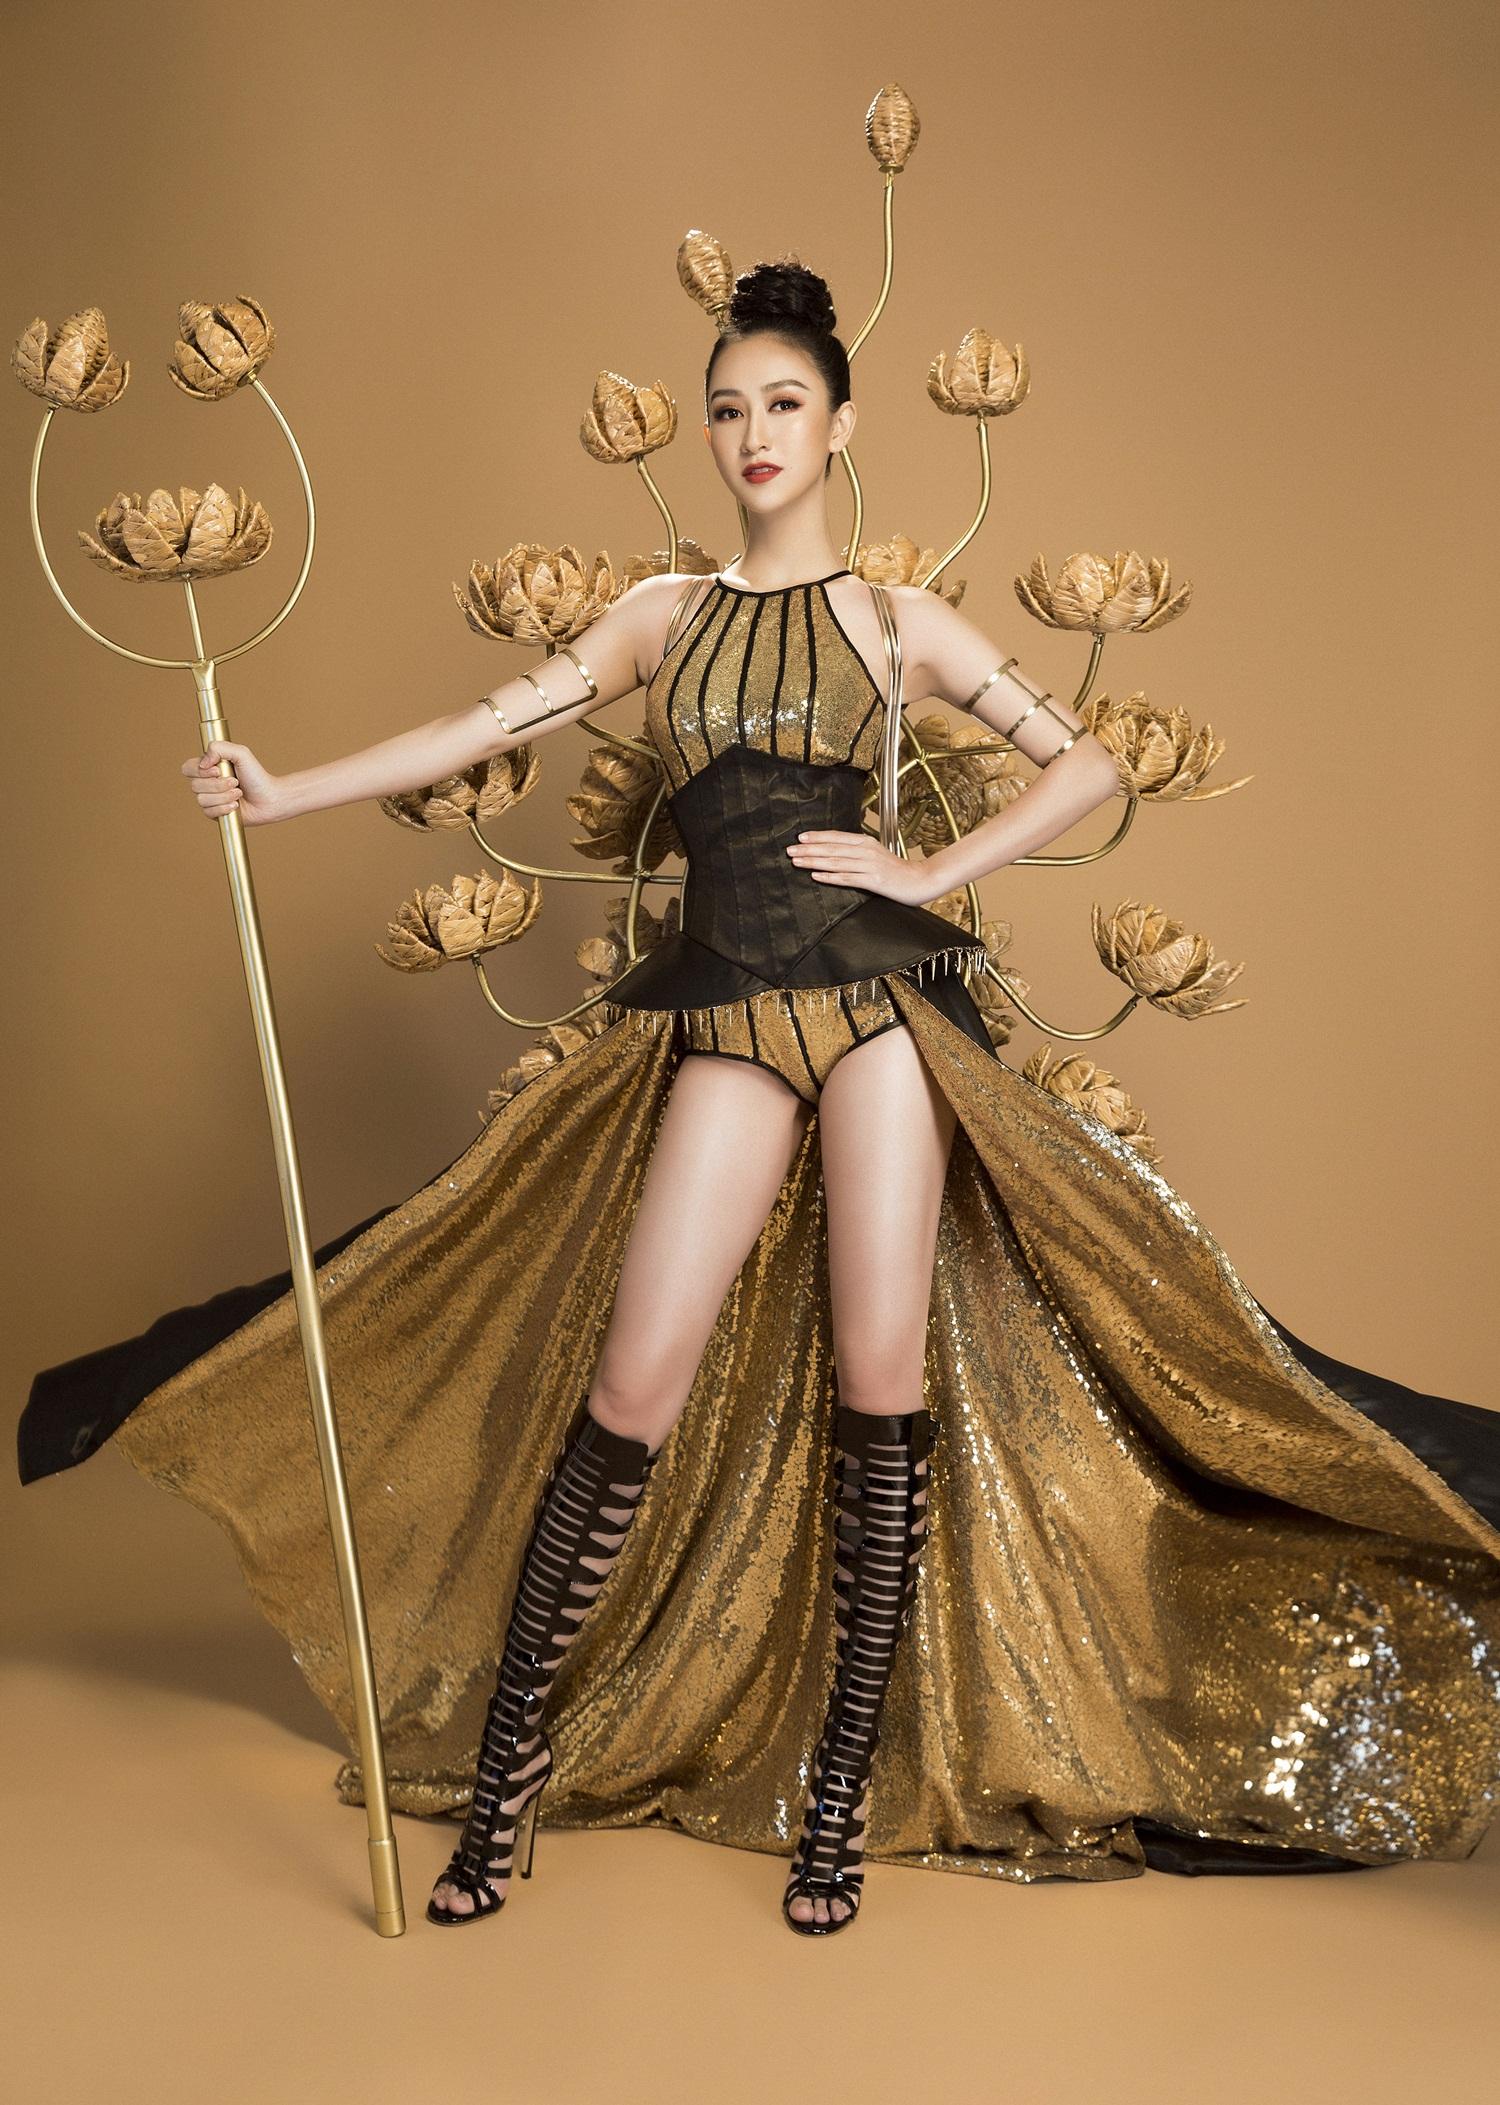 Không phải Áo dài, đây mới là trang phục truyền thống mà Hà Thu lựa chọn để tranh tài tại Miss Earth 2017 - Ảnh 9.